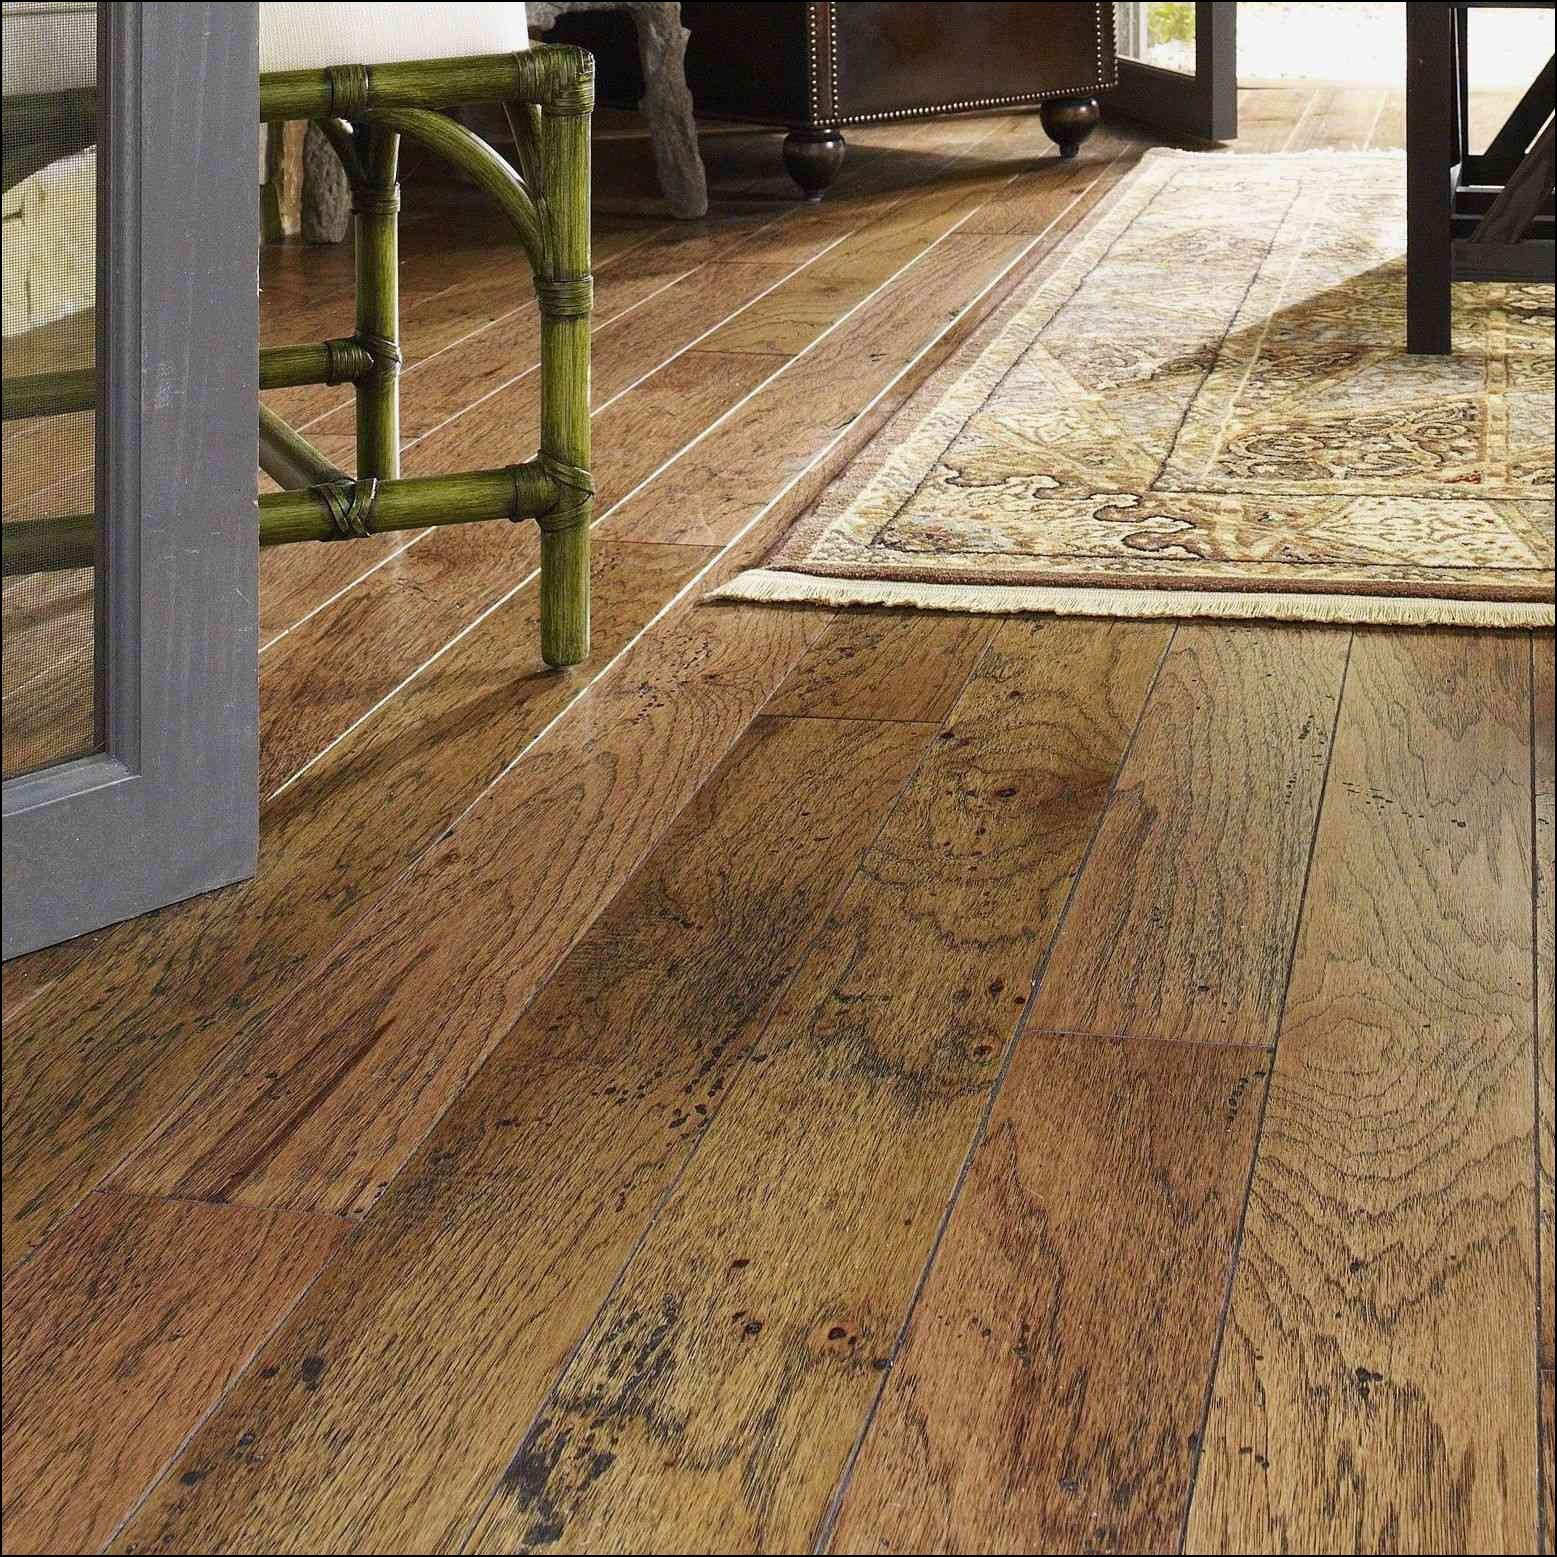 best hardwood floor for basement of what is flooring ideas for what is the best gym flooring images best type wood flooring best floor floor wood floor